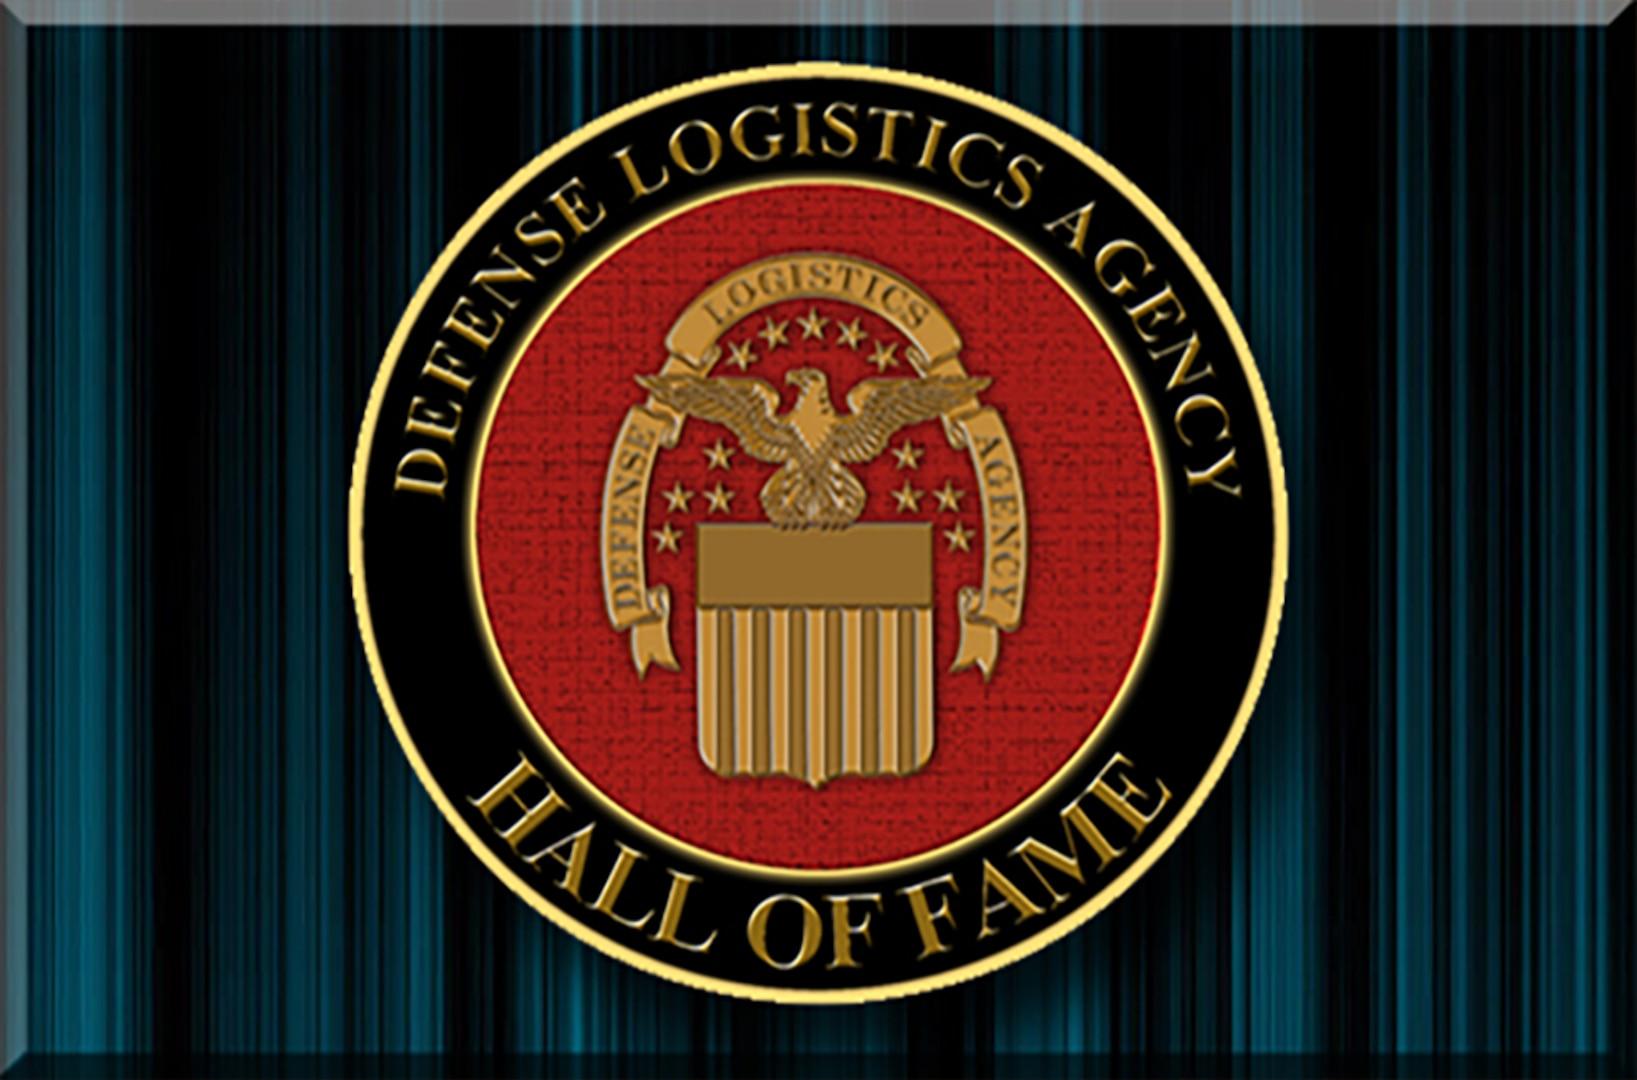 DLA Hall of Fame logo.